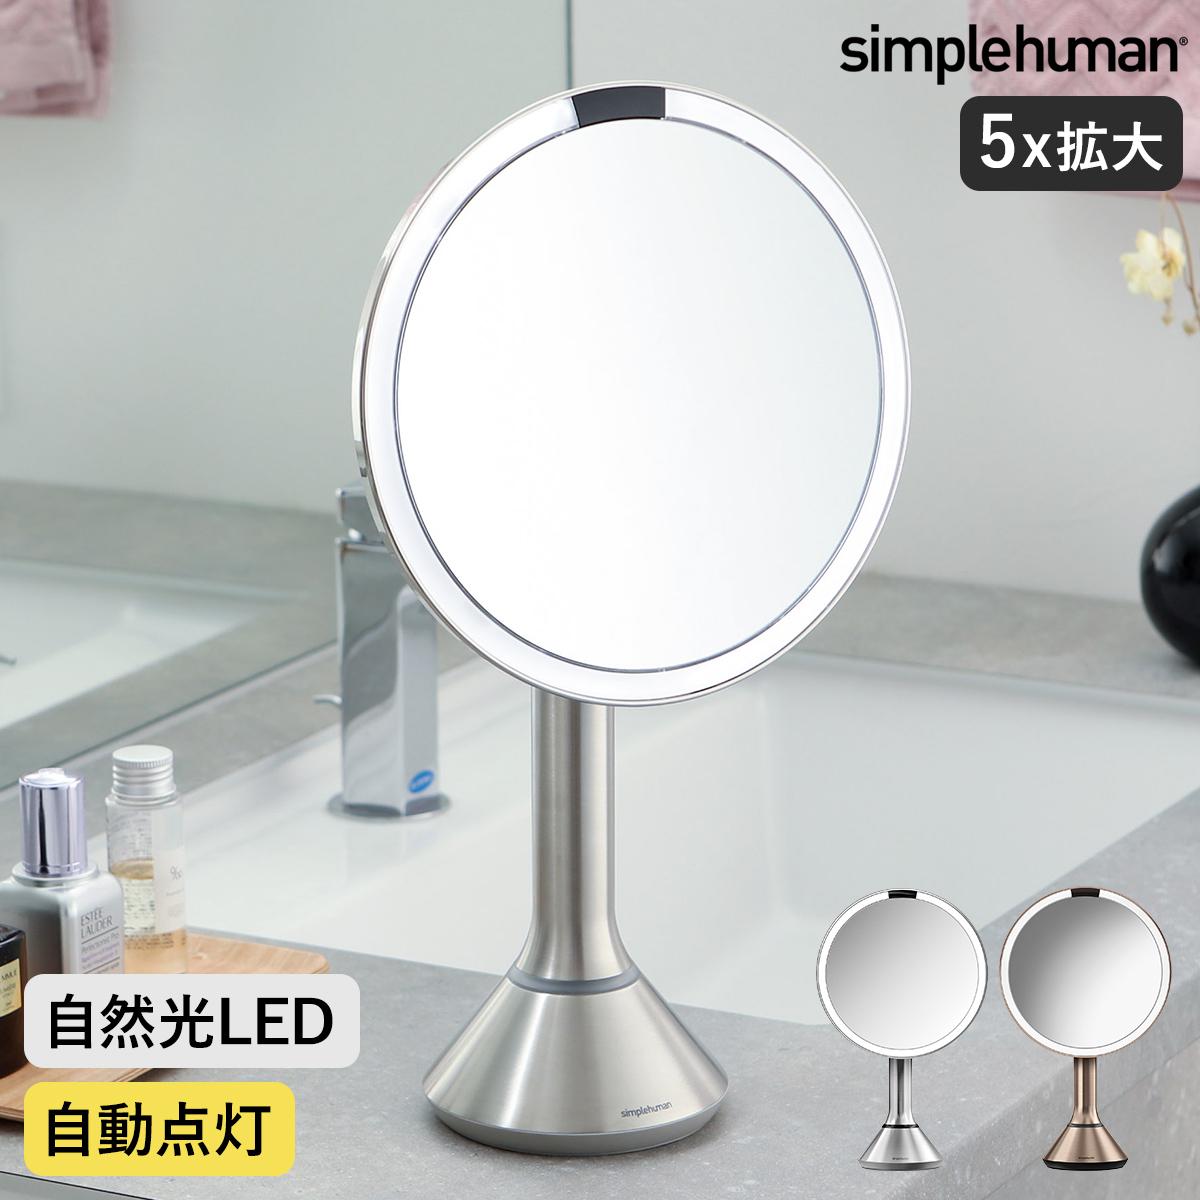 太陽光のような自然な光と 肌の細部まで映し出す5倍の拡大鏡を備えたミラー 近づくとライトが自動点灯する人感センサー内蔵で 光量調節もできます 光源は耐久性に優れたLEDを使用 正規販売店 シンプルヒューマン 鏡 ミラー センサーミラー メイク 自然光 5倍鏡 角度調節 卓上ミラー 化粧鏡 拡大鏡 simplehuman 完全送料無料 MIRROR 光量調節 ST3026 女優ミラー 明るさ調節 撮影 ST3027 LED 送料無料 おしゃれ SENSOR 充電式 照明付き ライト付き ☆送料無料☆ 当日発送可能